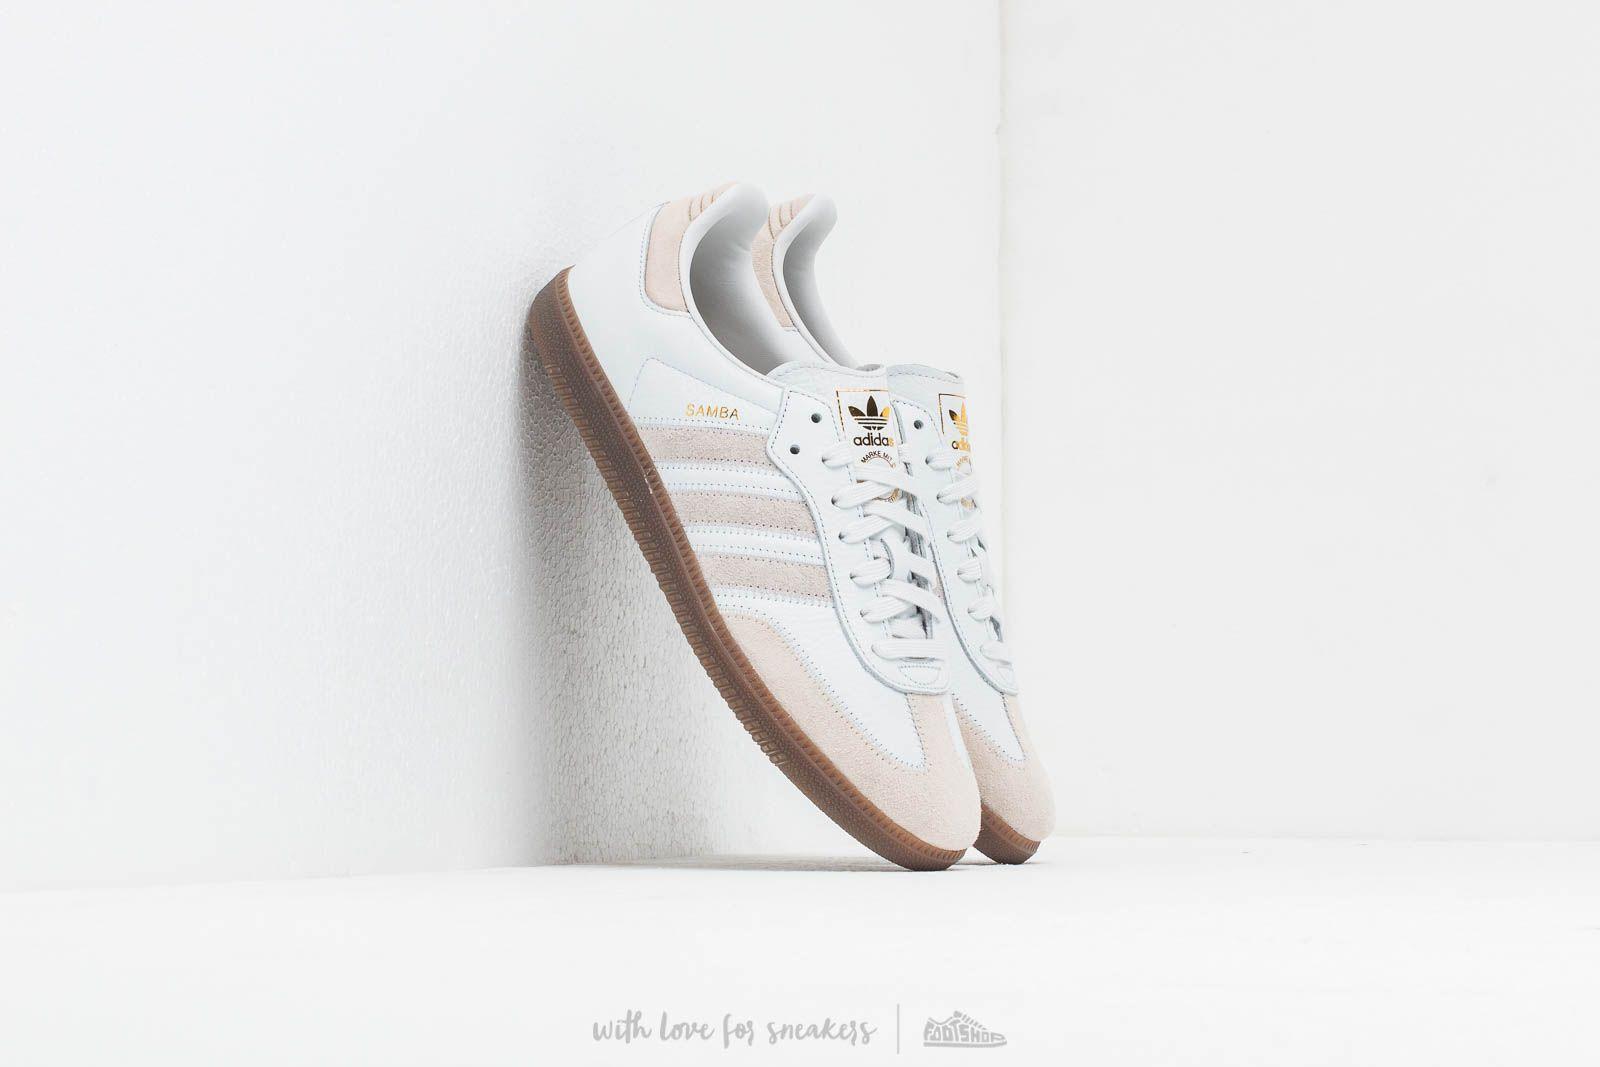 adidas Samba Og Ft Crystal White/ Raw White/ Gold Metalic za skvělou cenu 2 490 Kč koupíte na Footshop.cz